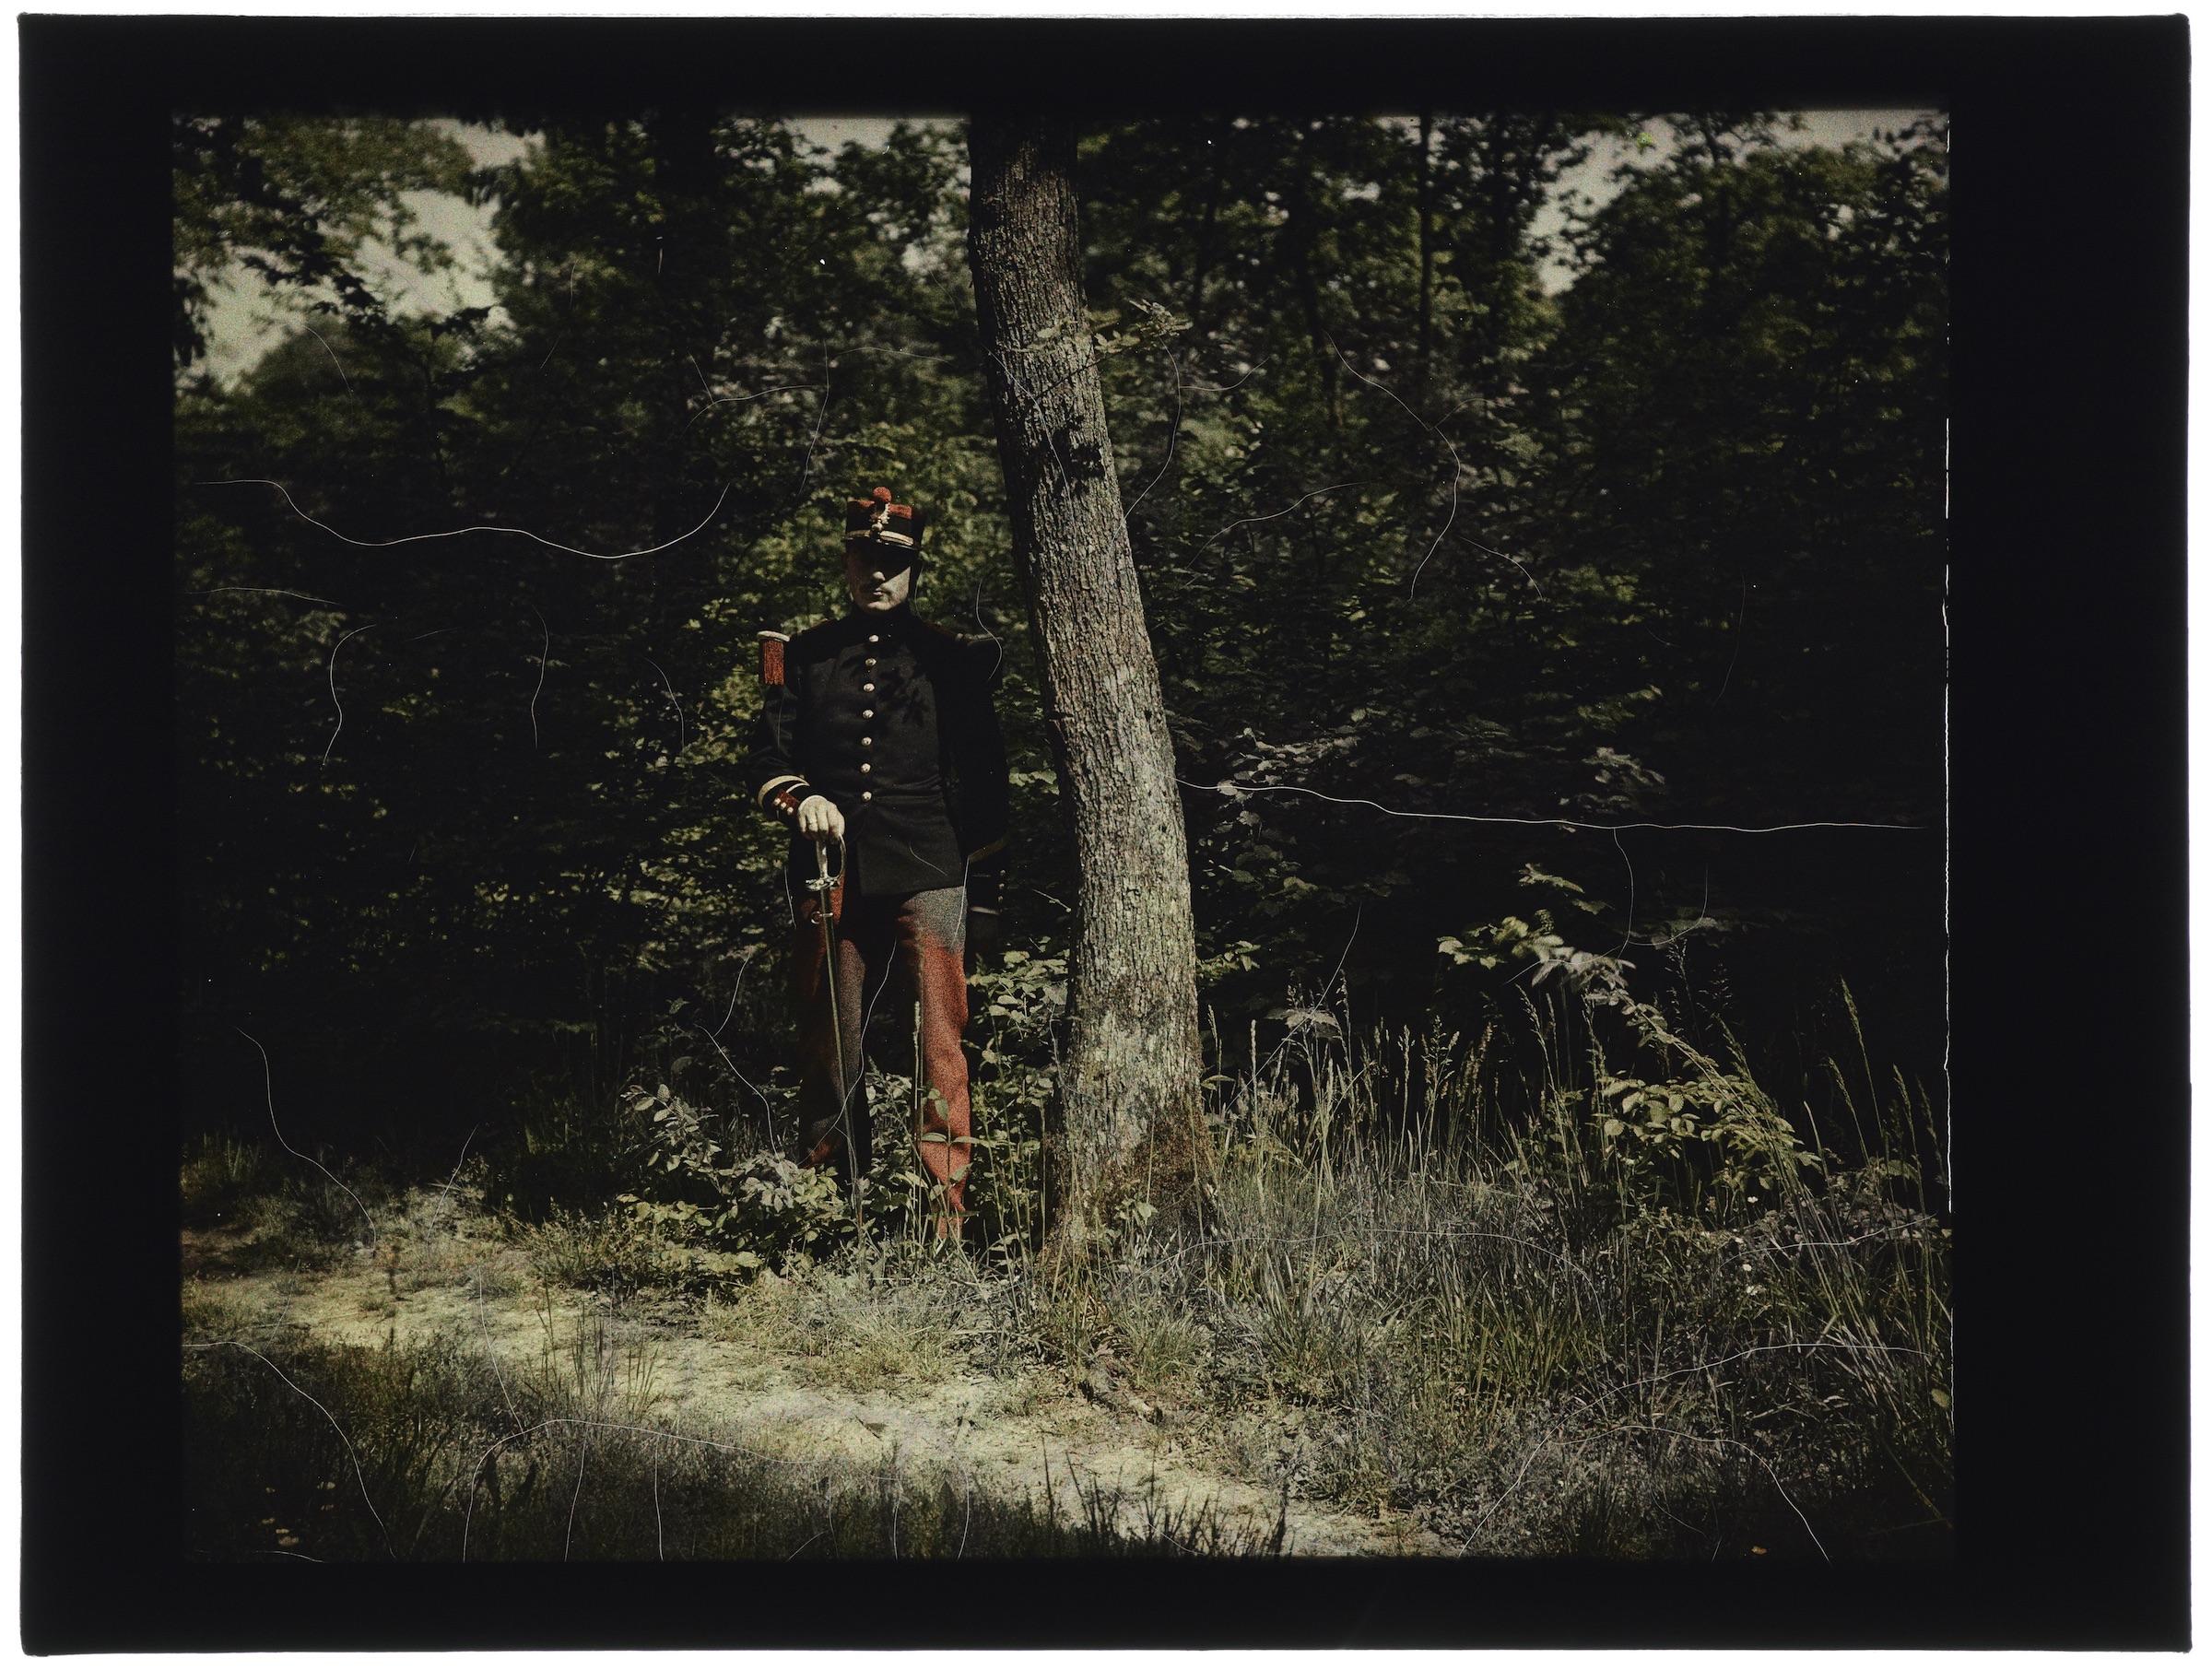 Soldat dans la forêt